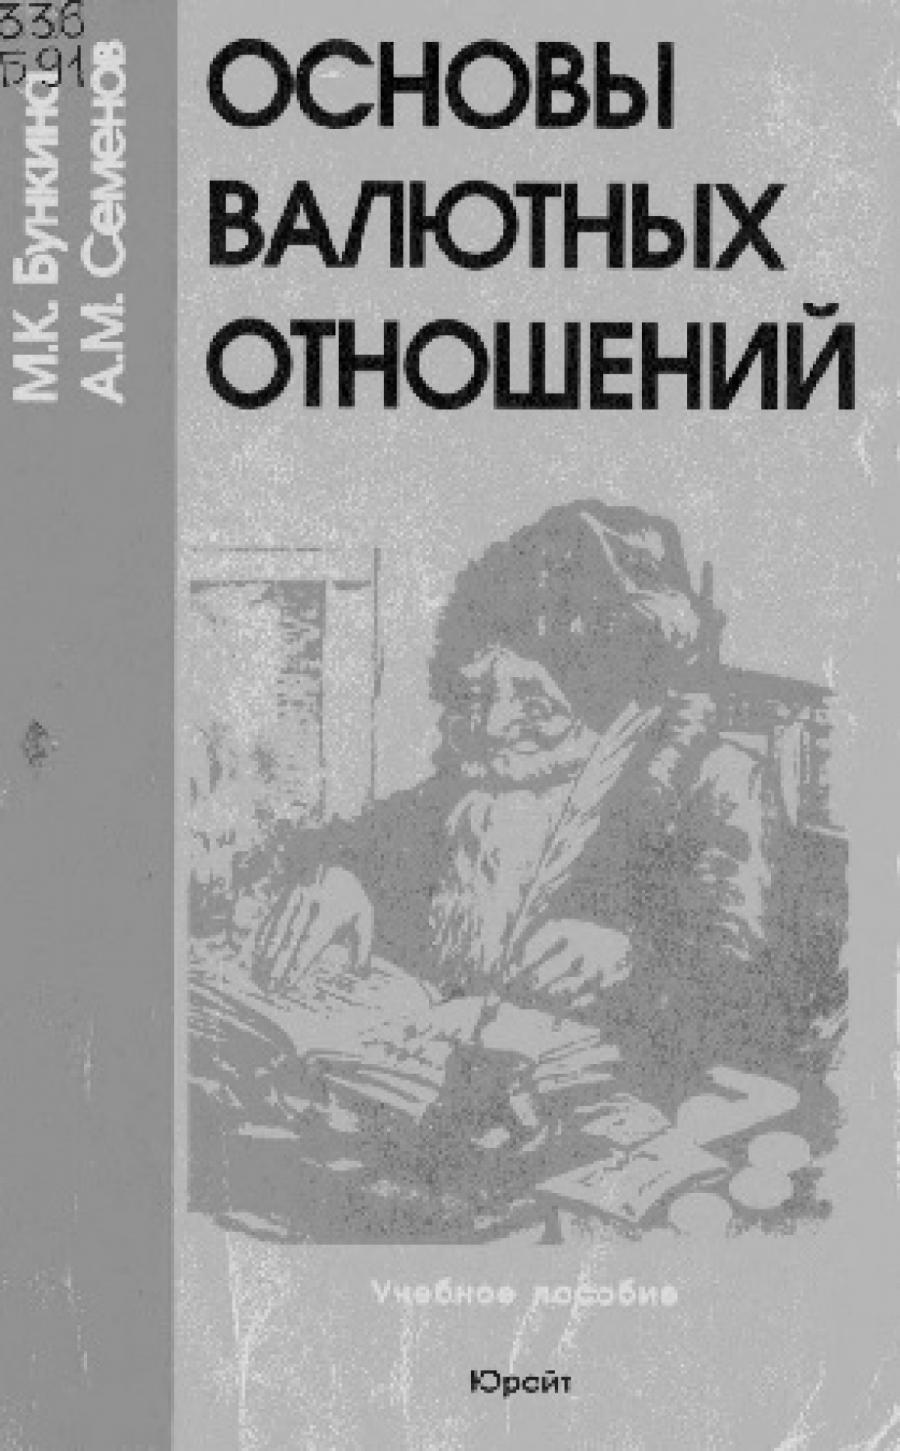 Обложка книги:  бункина м.к., семенов а.в. - основы валютных отношений